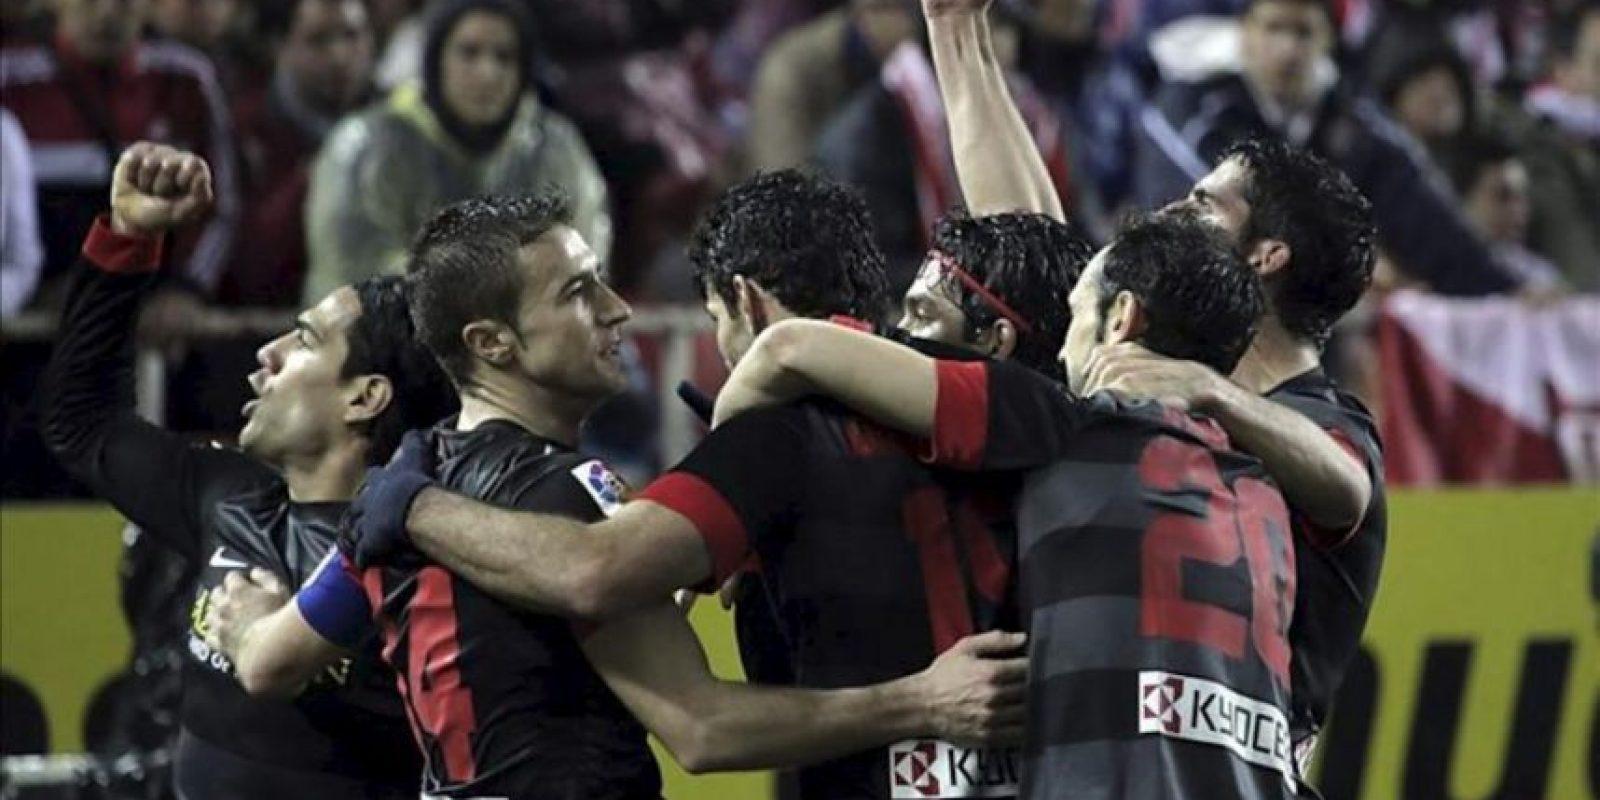 Los jugadores del Atlético de Madrid celebran el segundo gol ante el Sevilla, marcado por el colombiano Radamel Falcao (i), durante el partido de vuelta de la semifinal de la Copa del Rey en el estadio Sánchez Pizjuán, en Sevilla. EFE